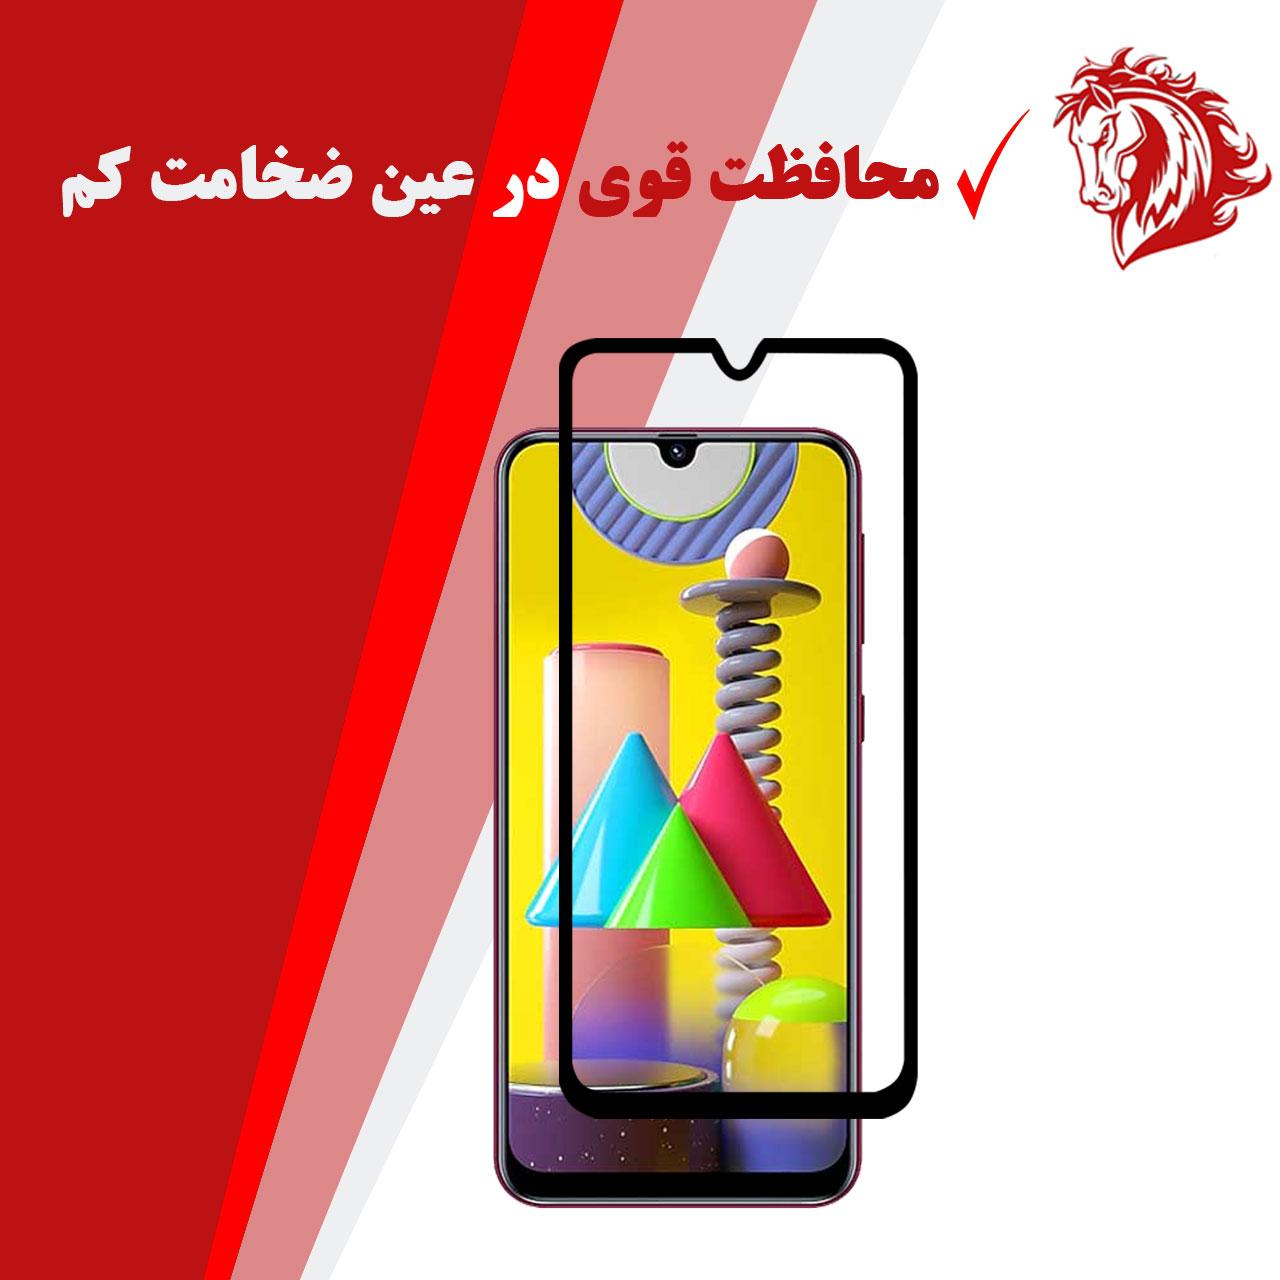 محافظ صفحه نمایش 5D هورس مدل FAG مناسب برای گوشی موبایل  سامسونگ Galaxy M31               ( قیمت و خرید)